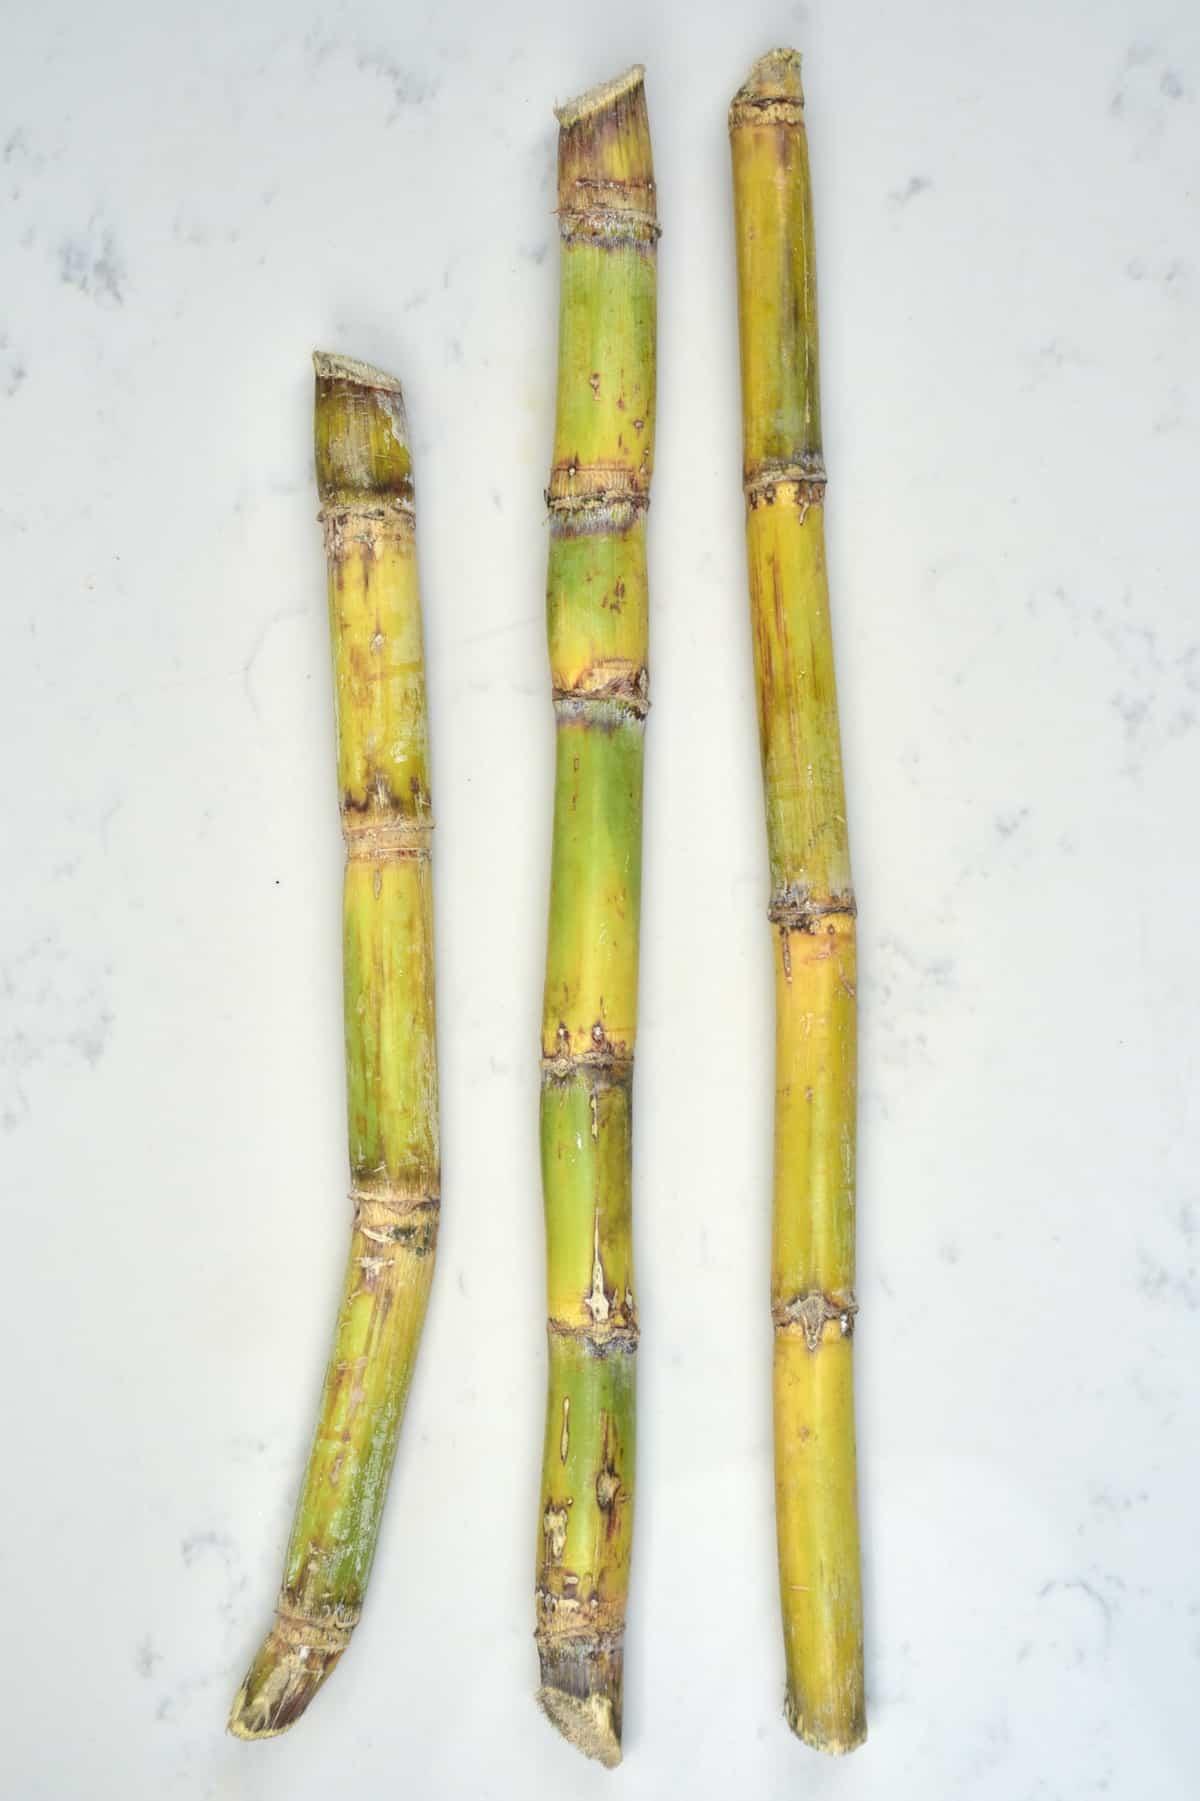 Three sugar canes